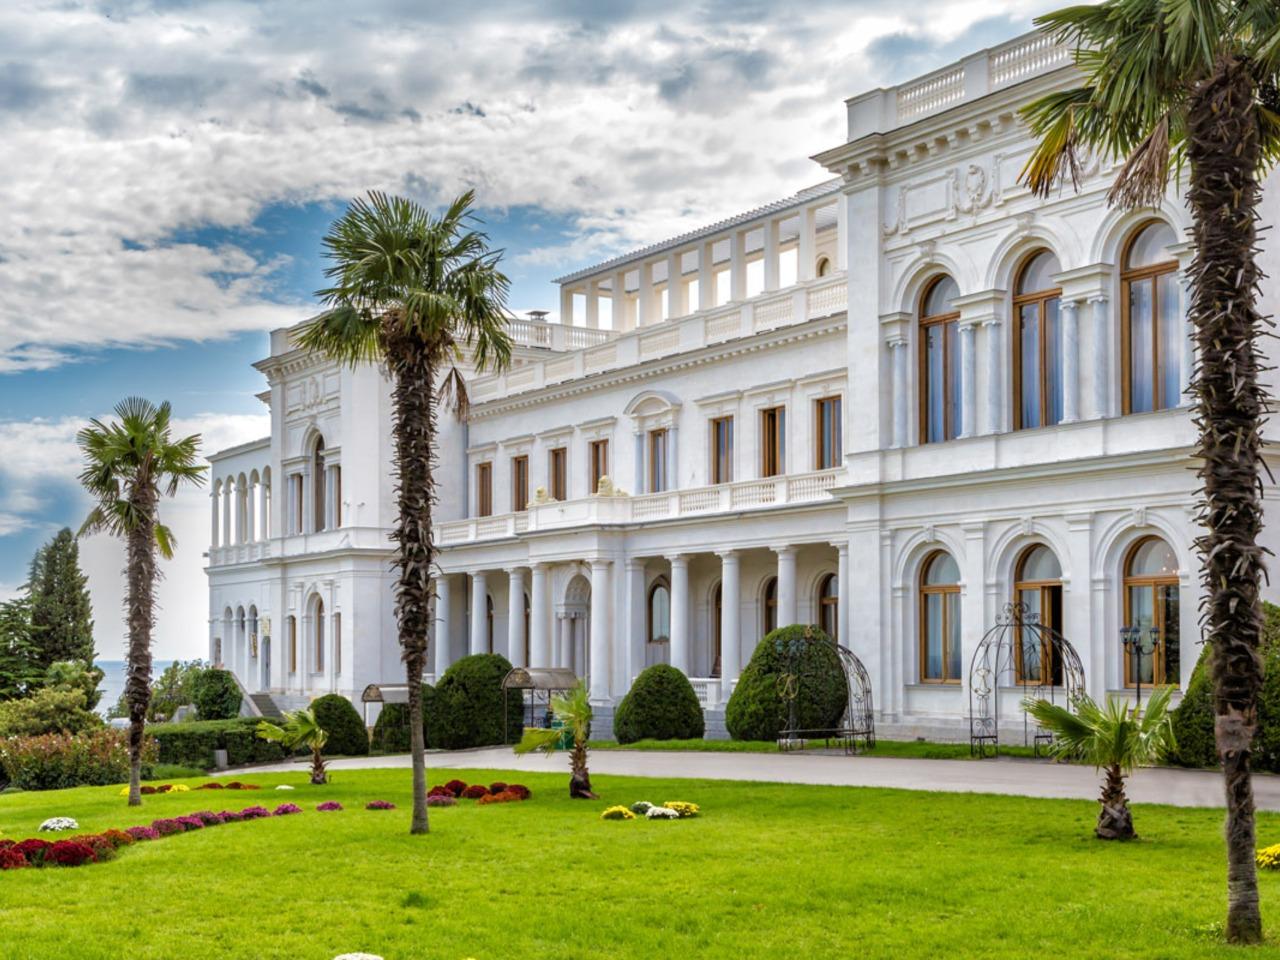 Ялта + 3 Дворца - индивидуальная экскурсия в Ялте от опытного гида